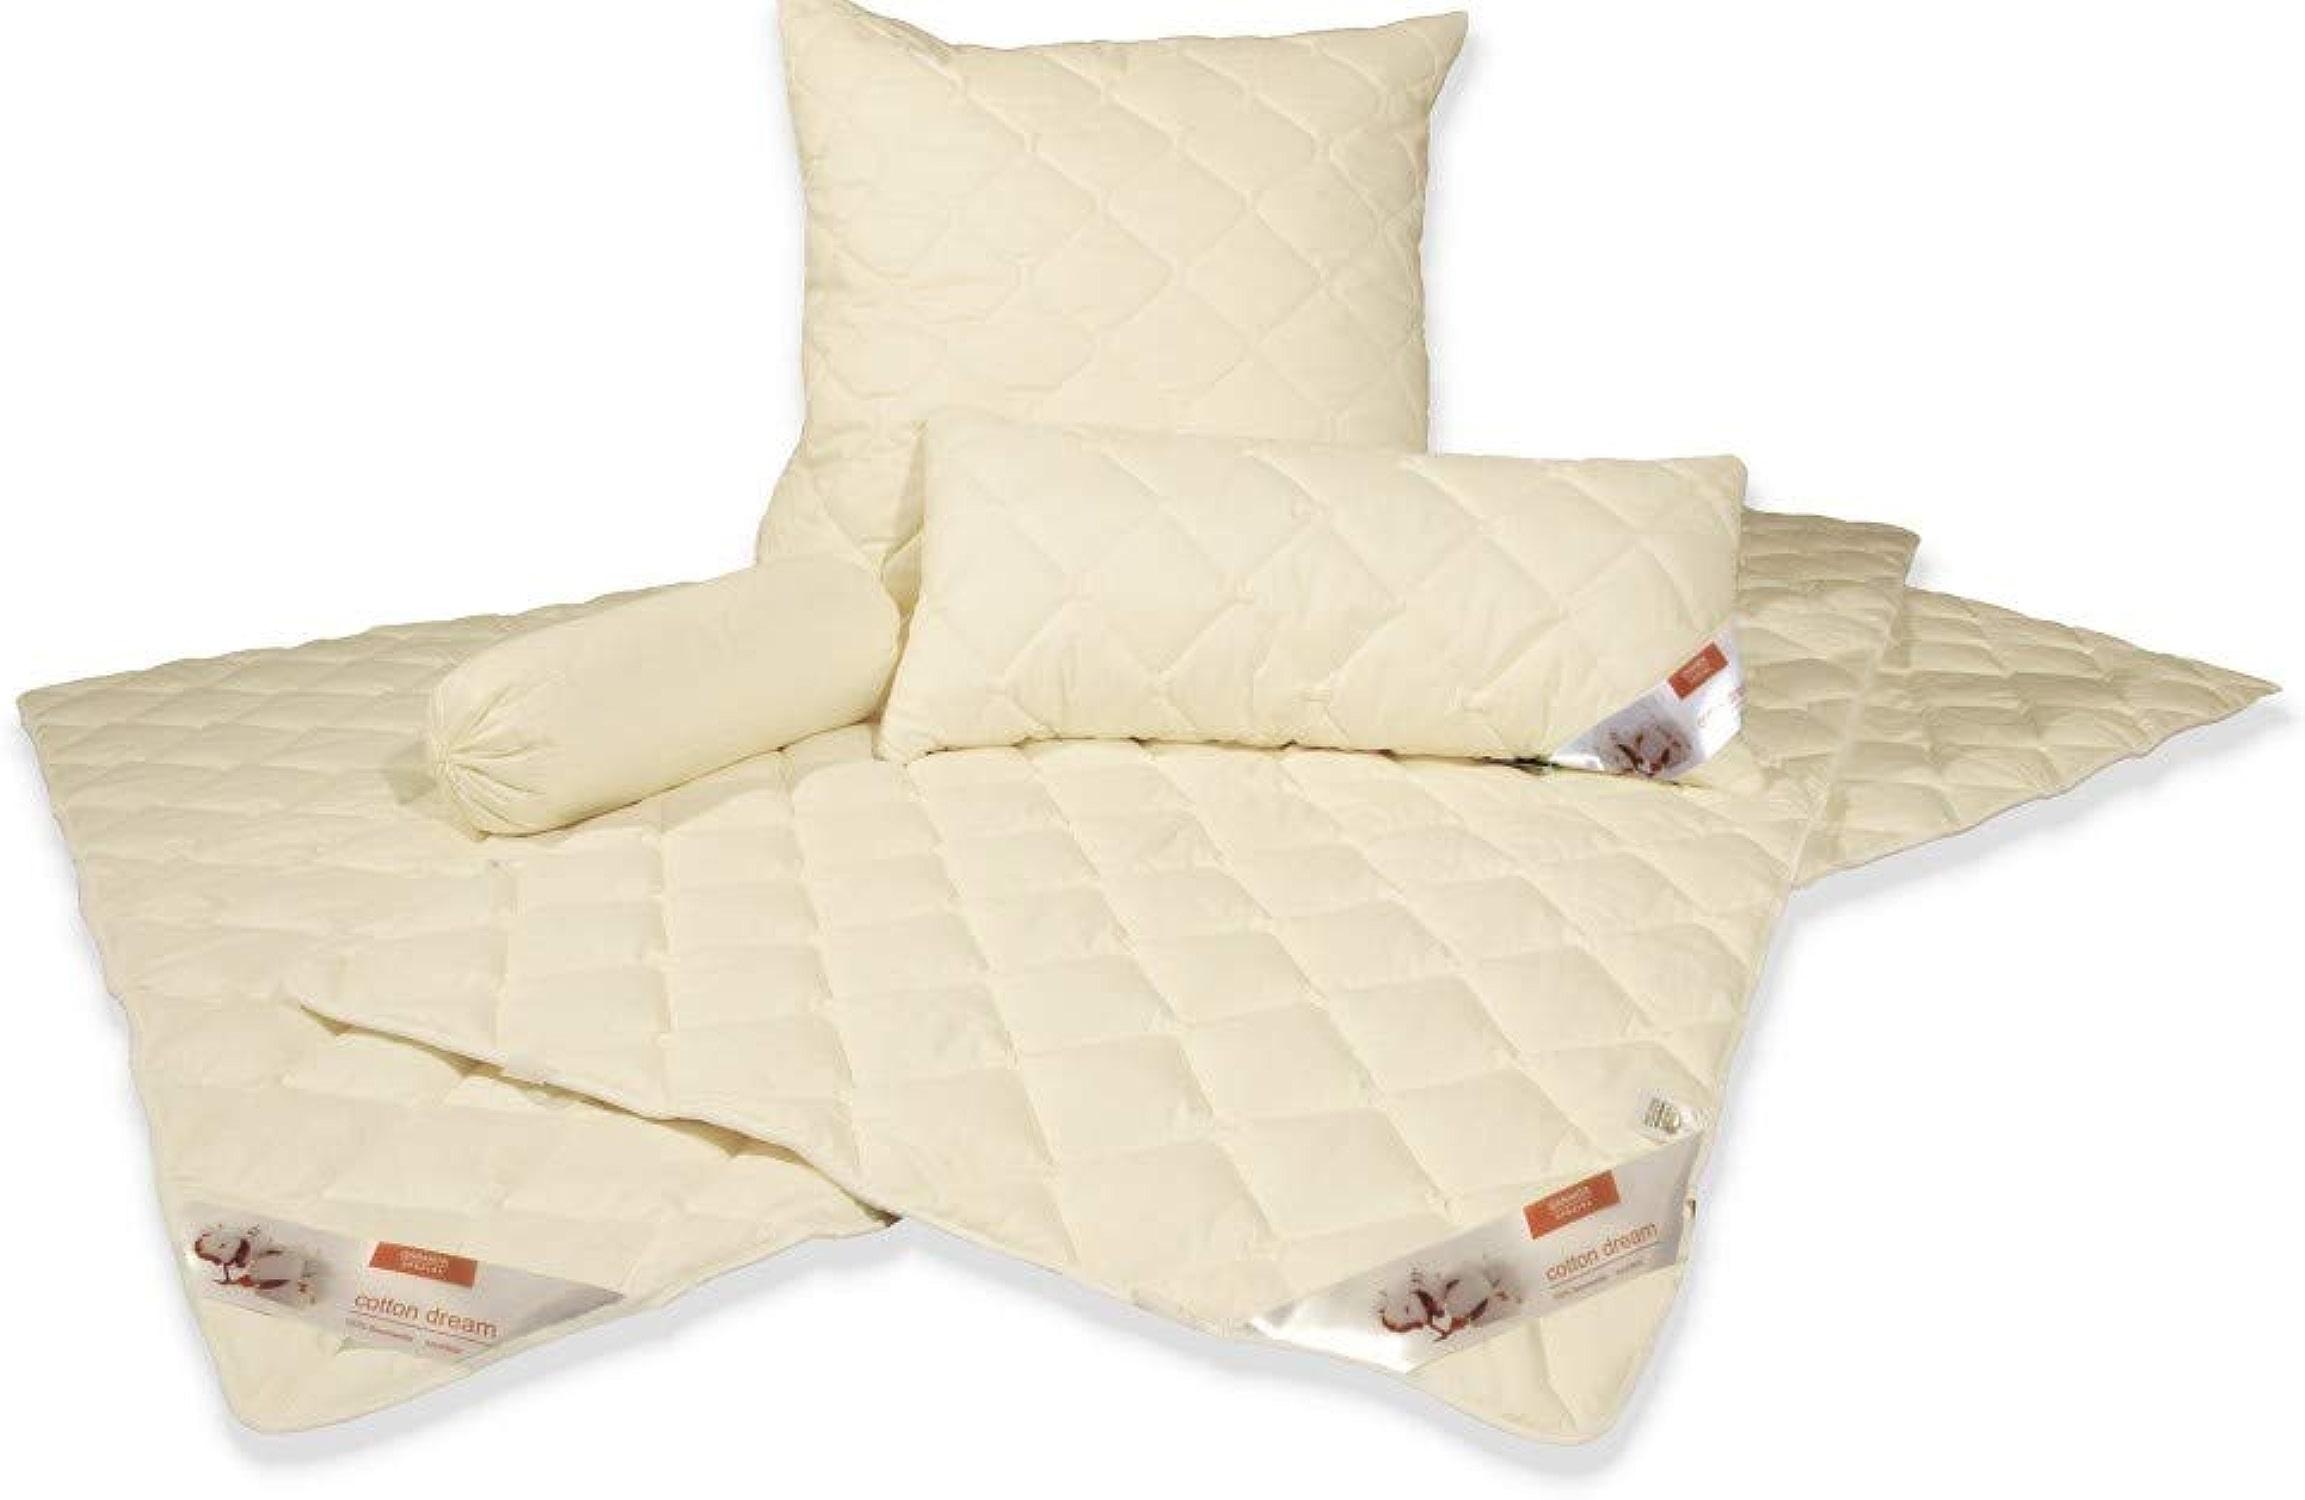 Garanta Cotton Couette Bio Coton léger de Couette 135x 200cm